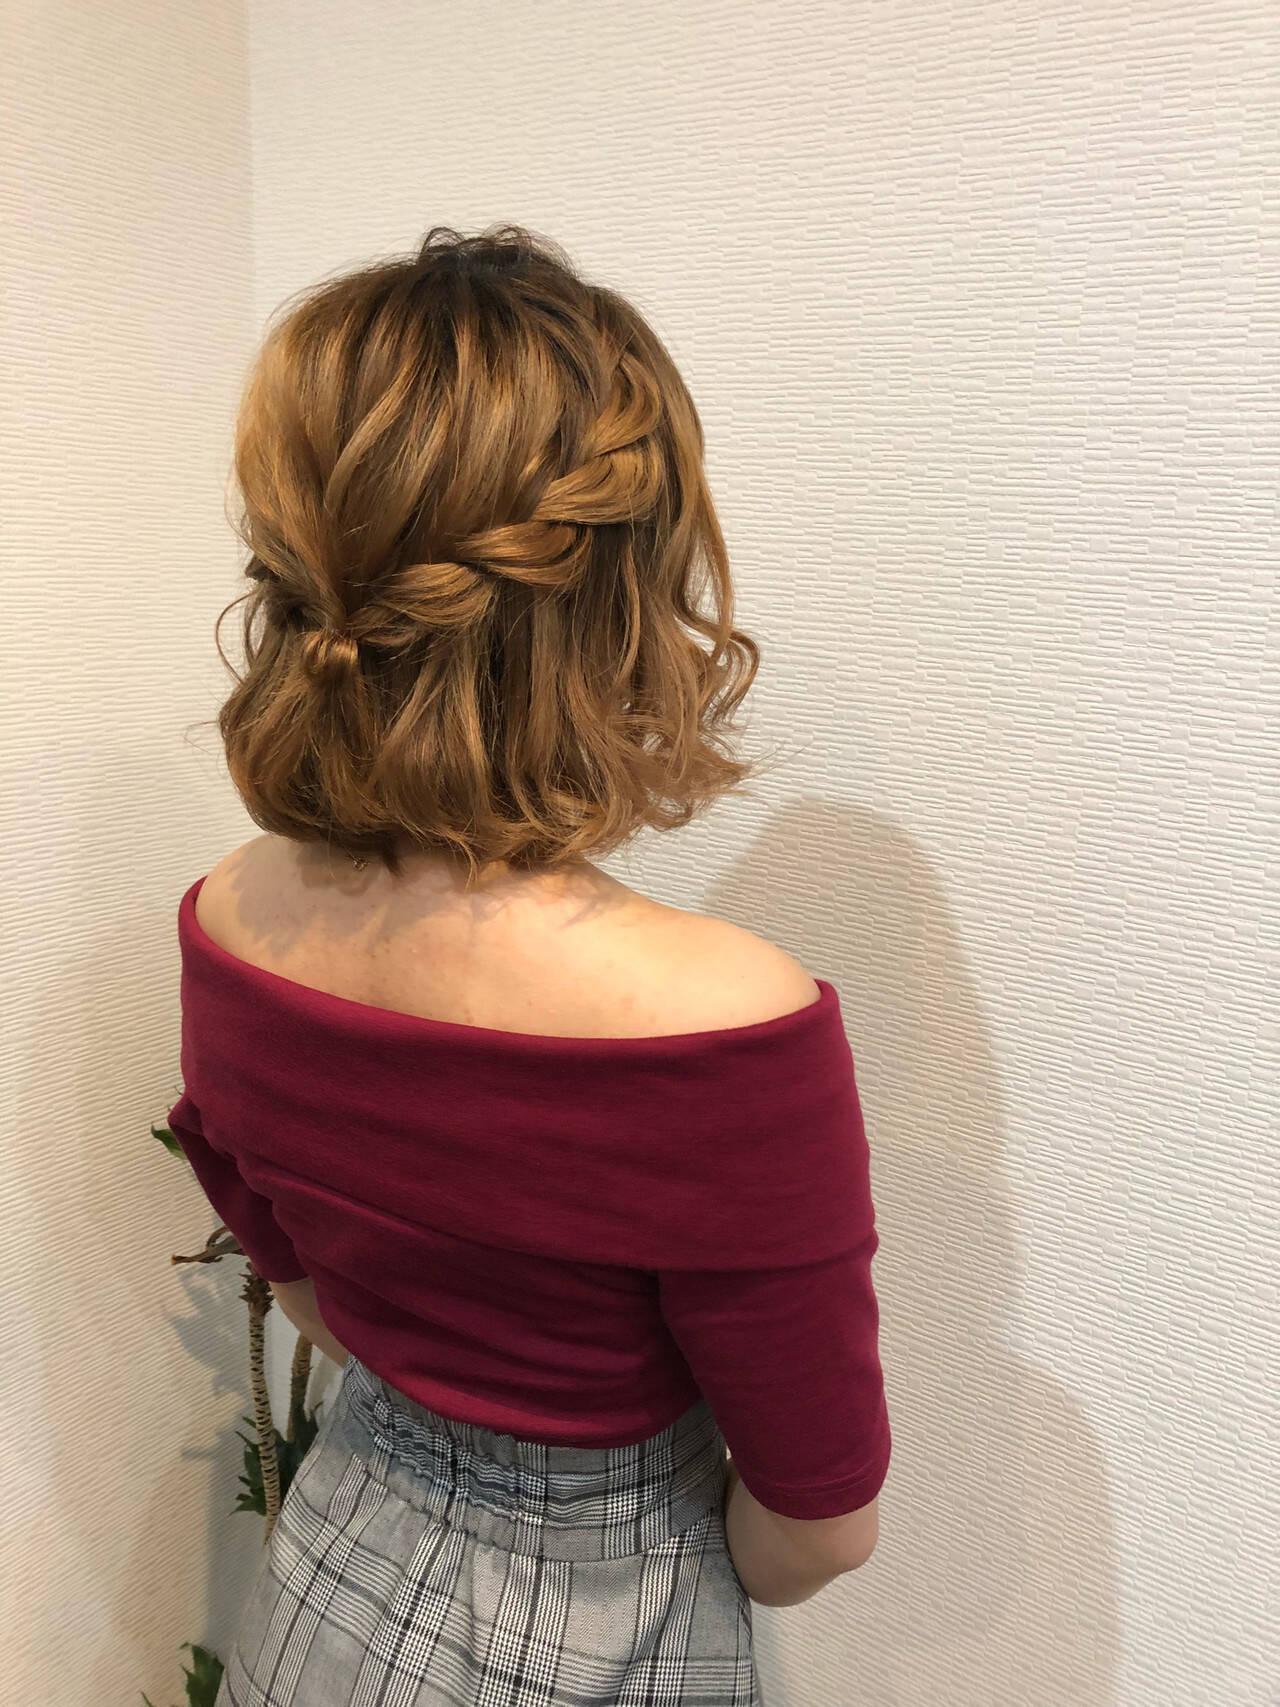 ボブ フェミニン 編み込み ボブアレンジヘアスタイルや髪型の写真・画像